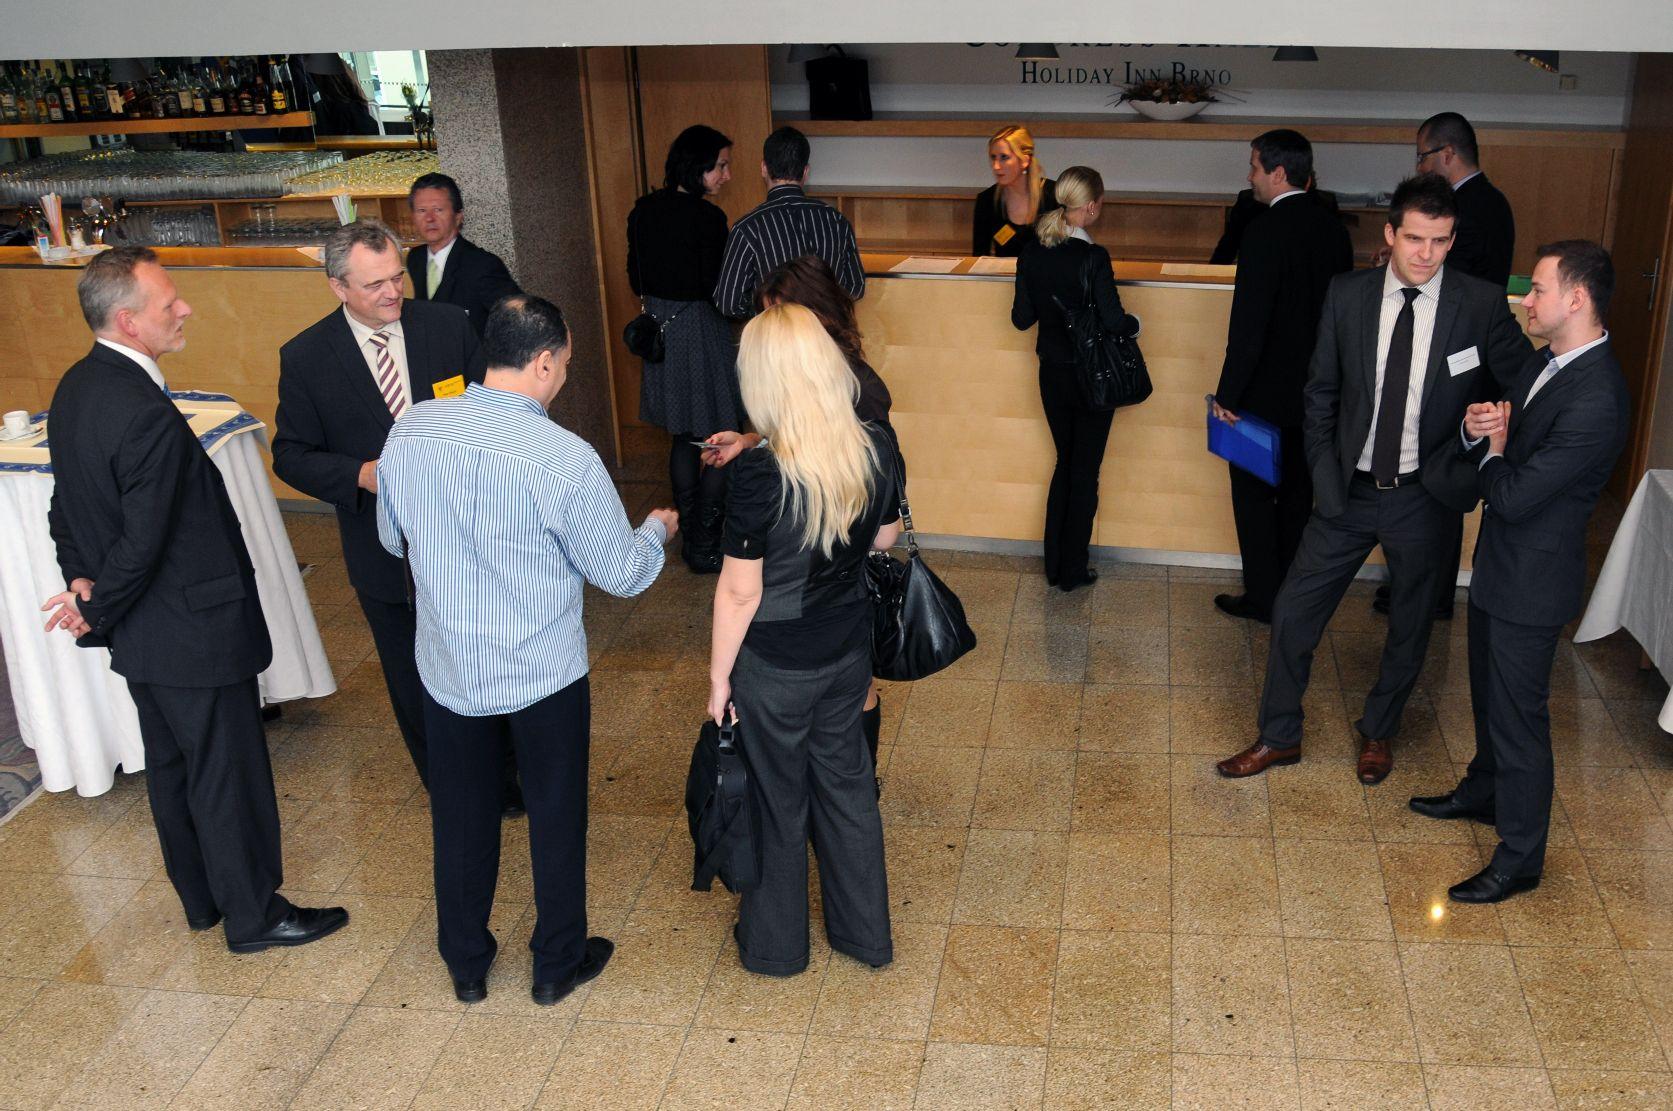 Galerie de photos : Speed Business Meeting à Brno